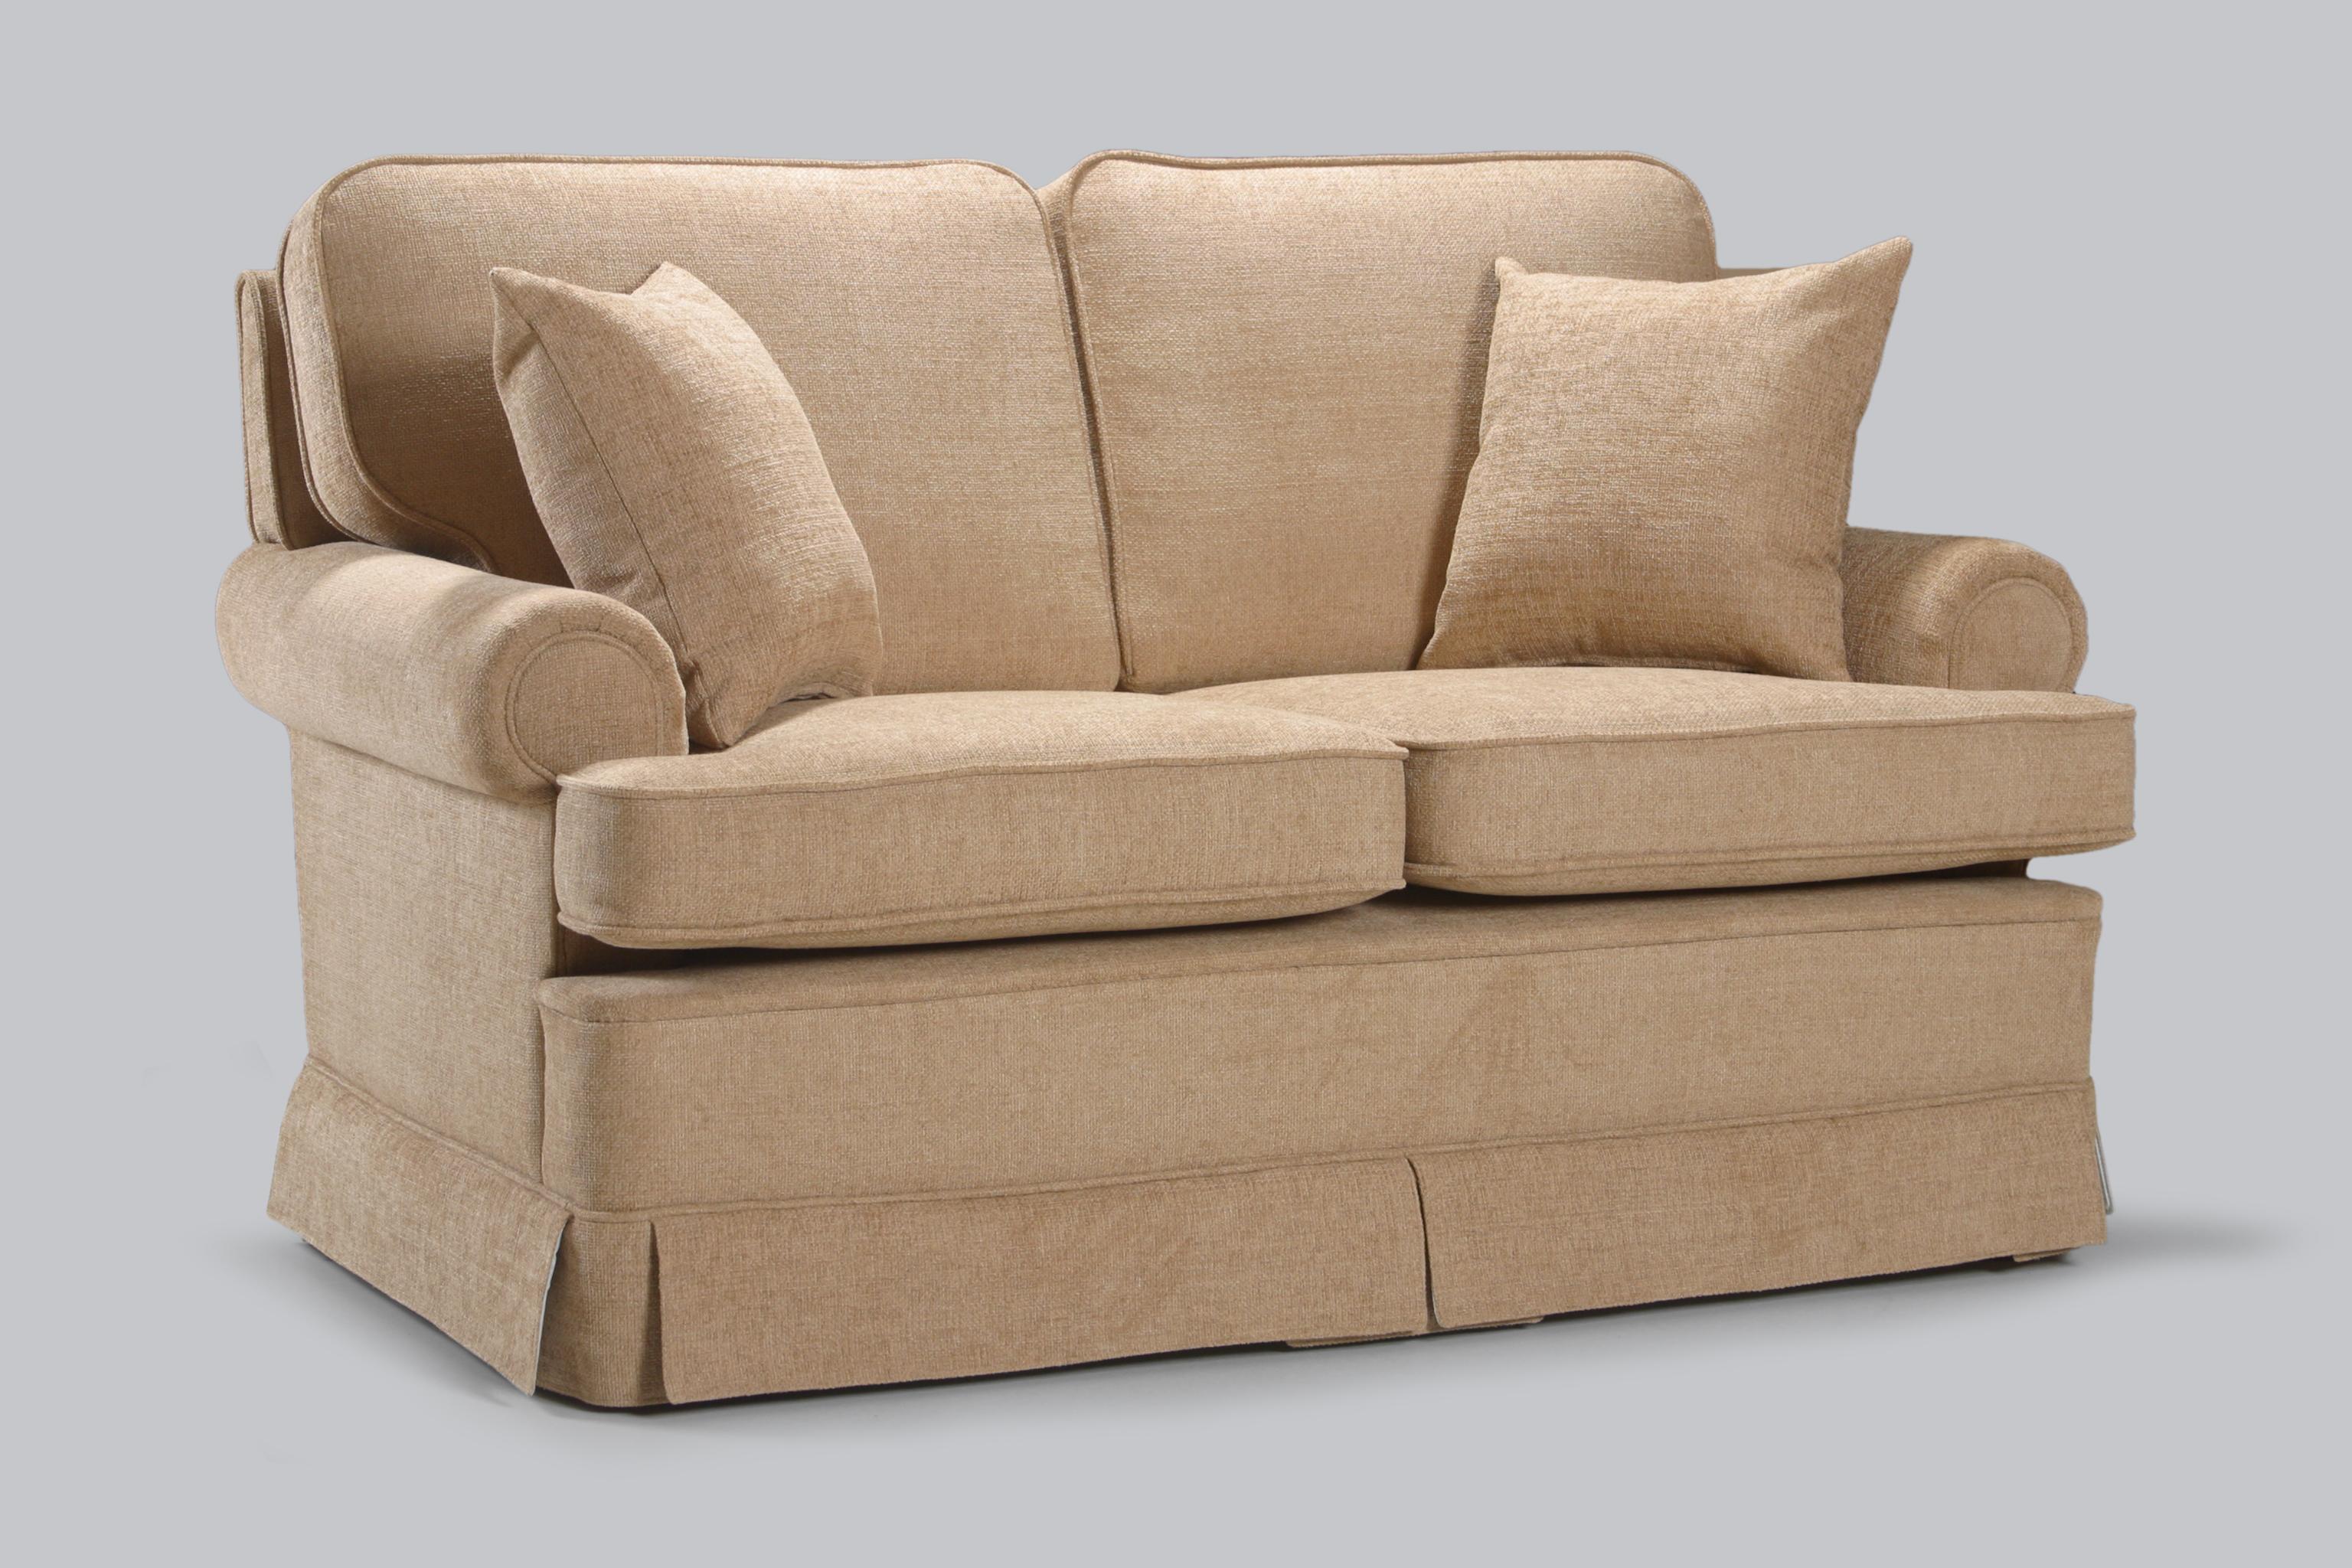 Canapea fixa 2 locuri Mona Lisa